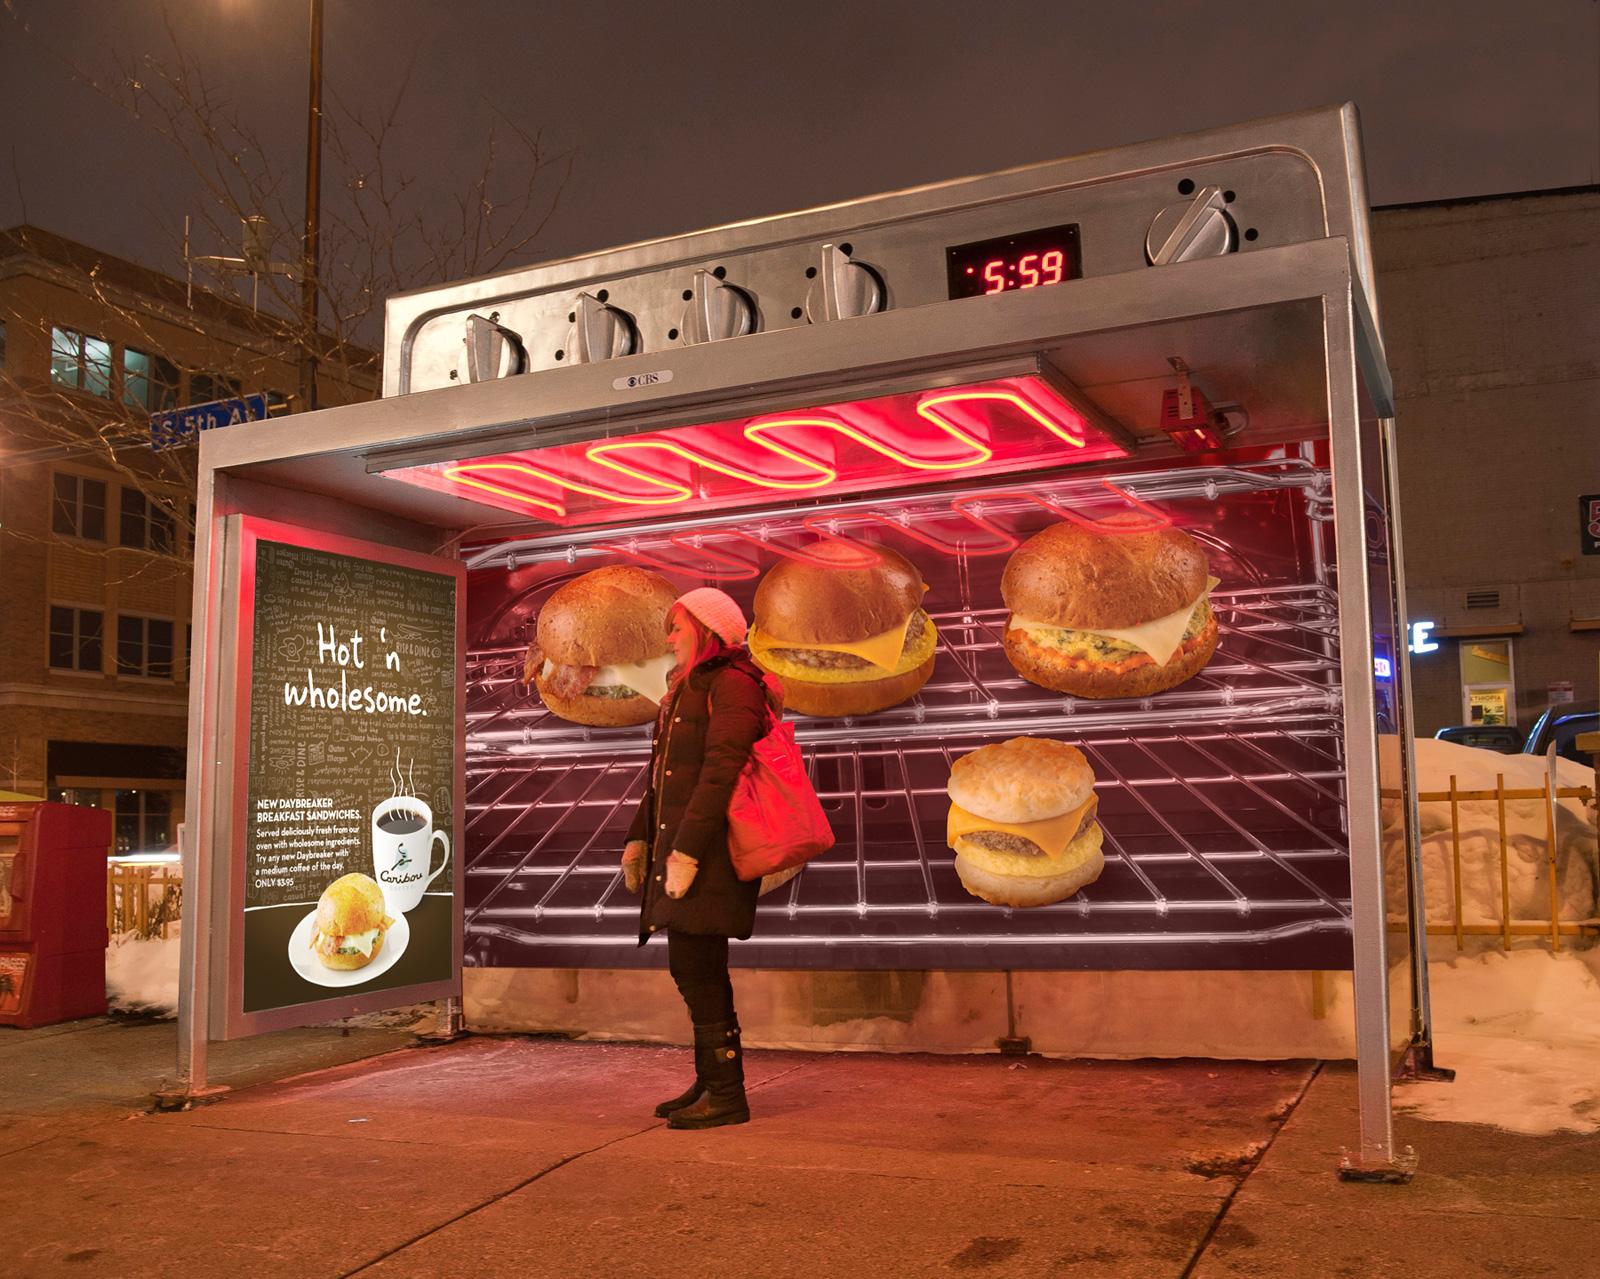 【世界の広告】バス停を使い巨大なオーブンと見立てたカフェの広告